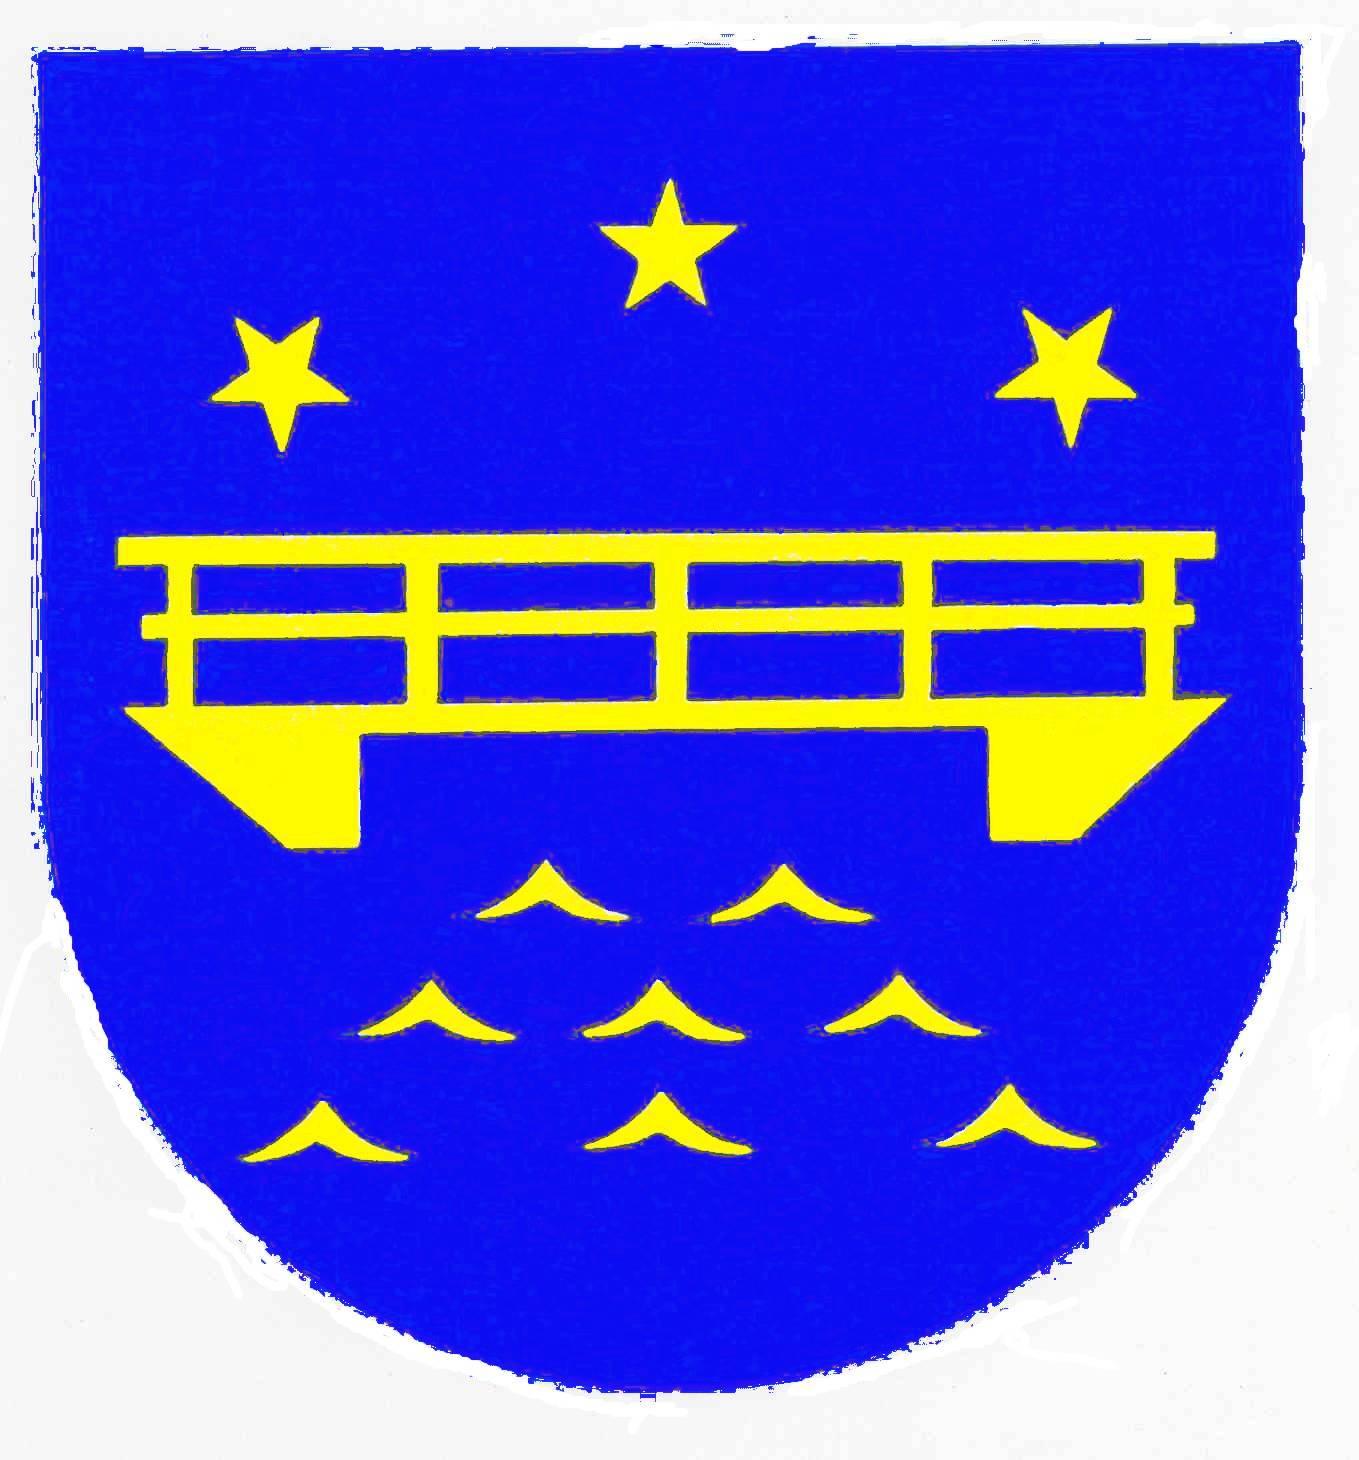 Wappen GemeindeHörup, Kreis Schleswig-Flensburg